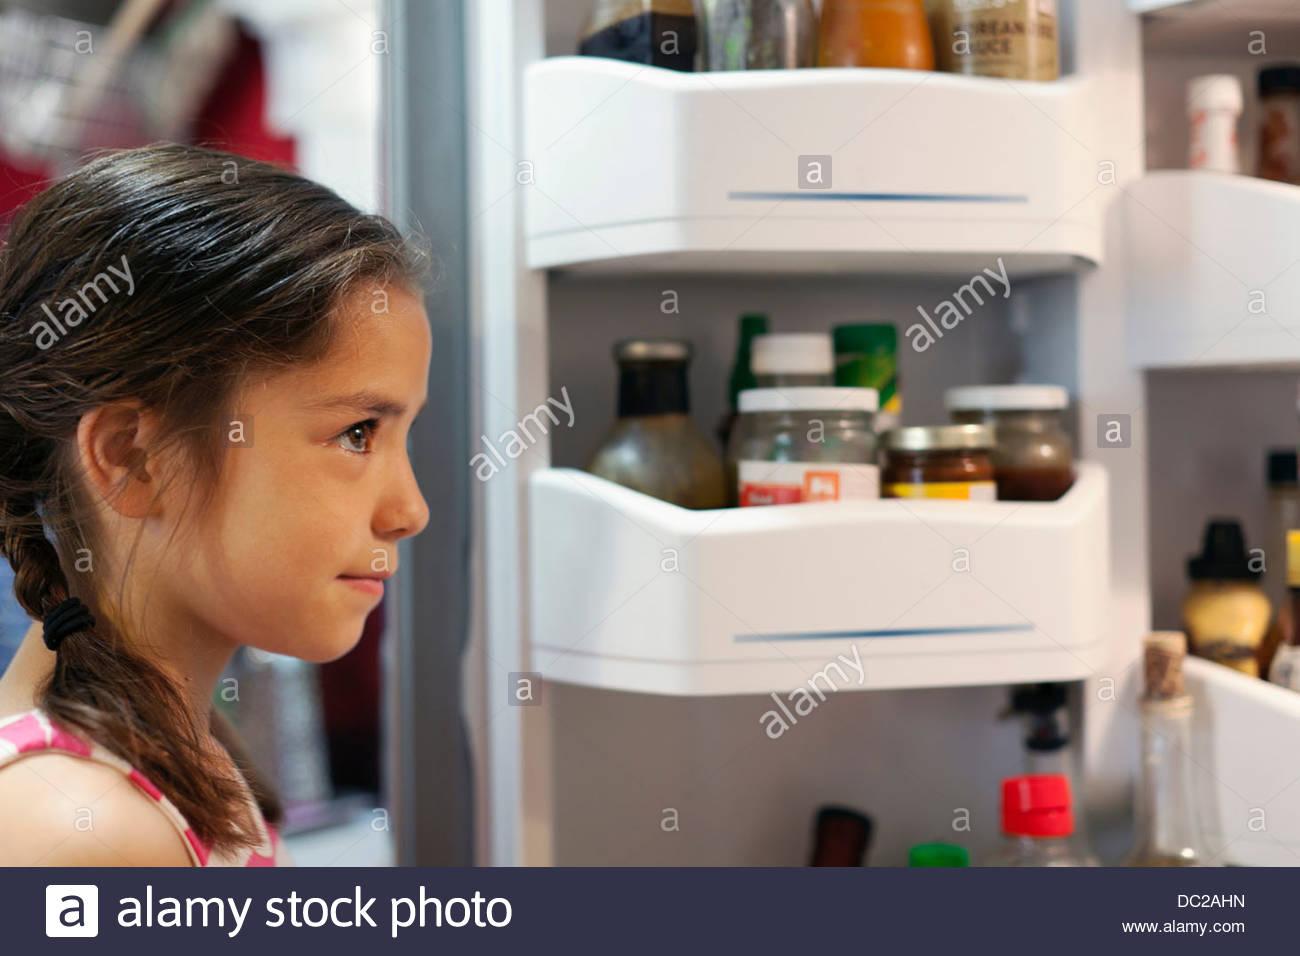 Amerikanischer Kühlschrank Bunt : Amerikanischer kühlschrank stockfotos & amerikanischer kühlschrank